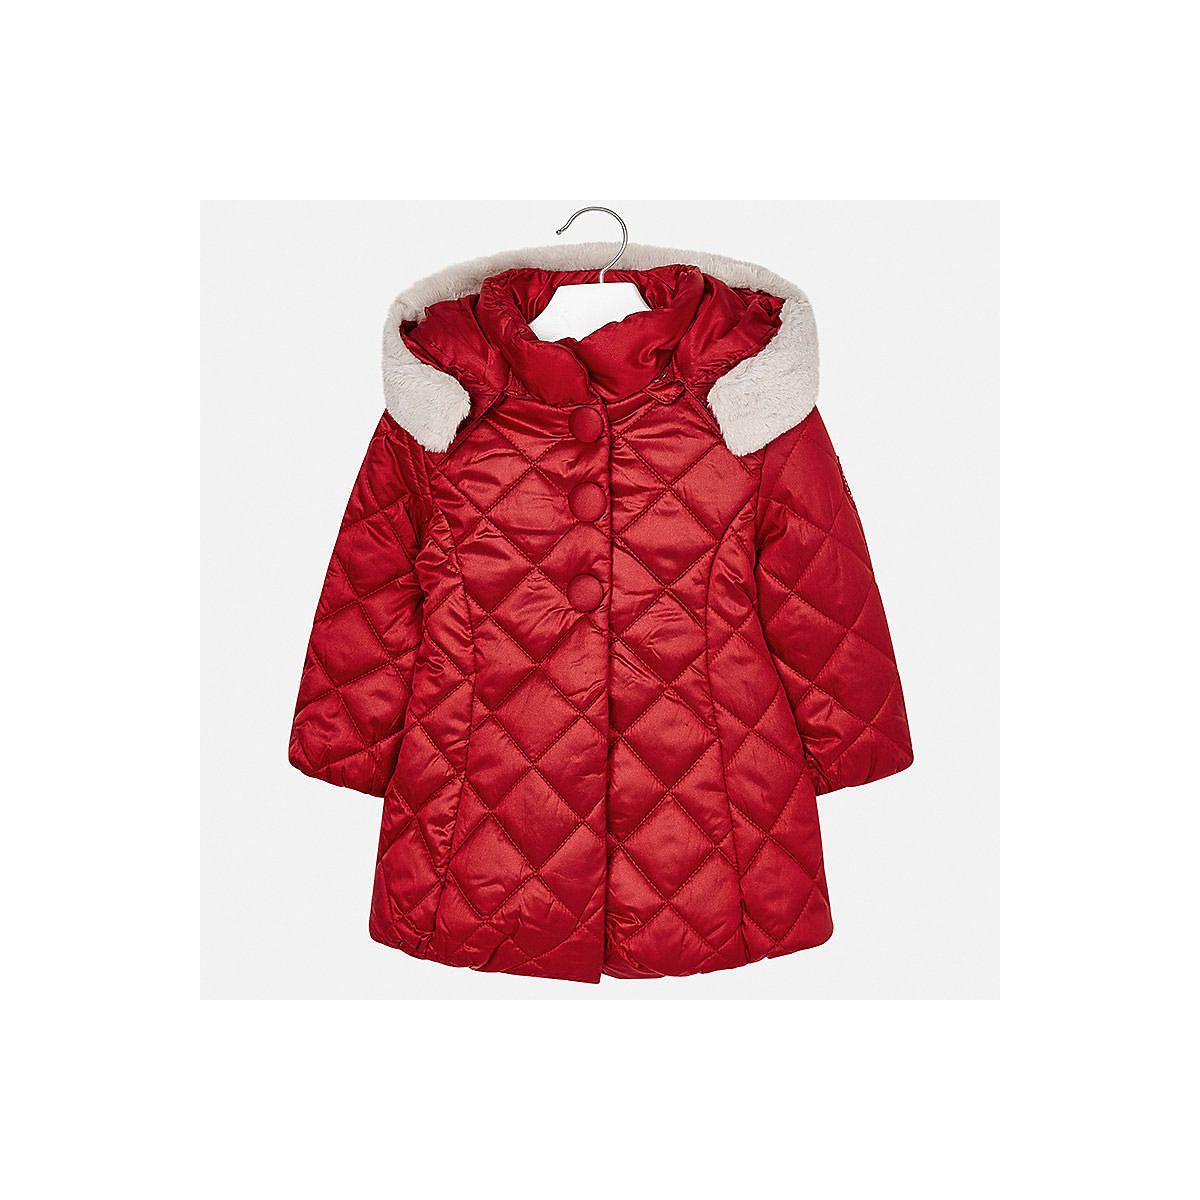 BÜRGERMEISTER Jacken & Mäntel 8849537 jacke für mädchen jungen mantel baby kleidung kinder kleidung outwear jungen mädchen